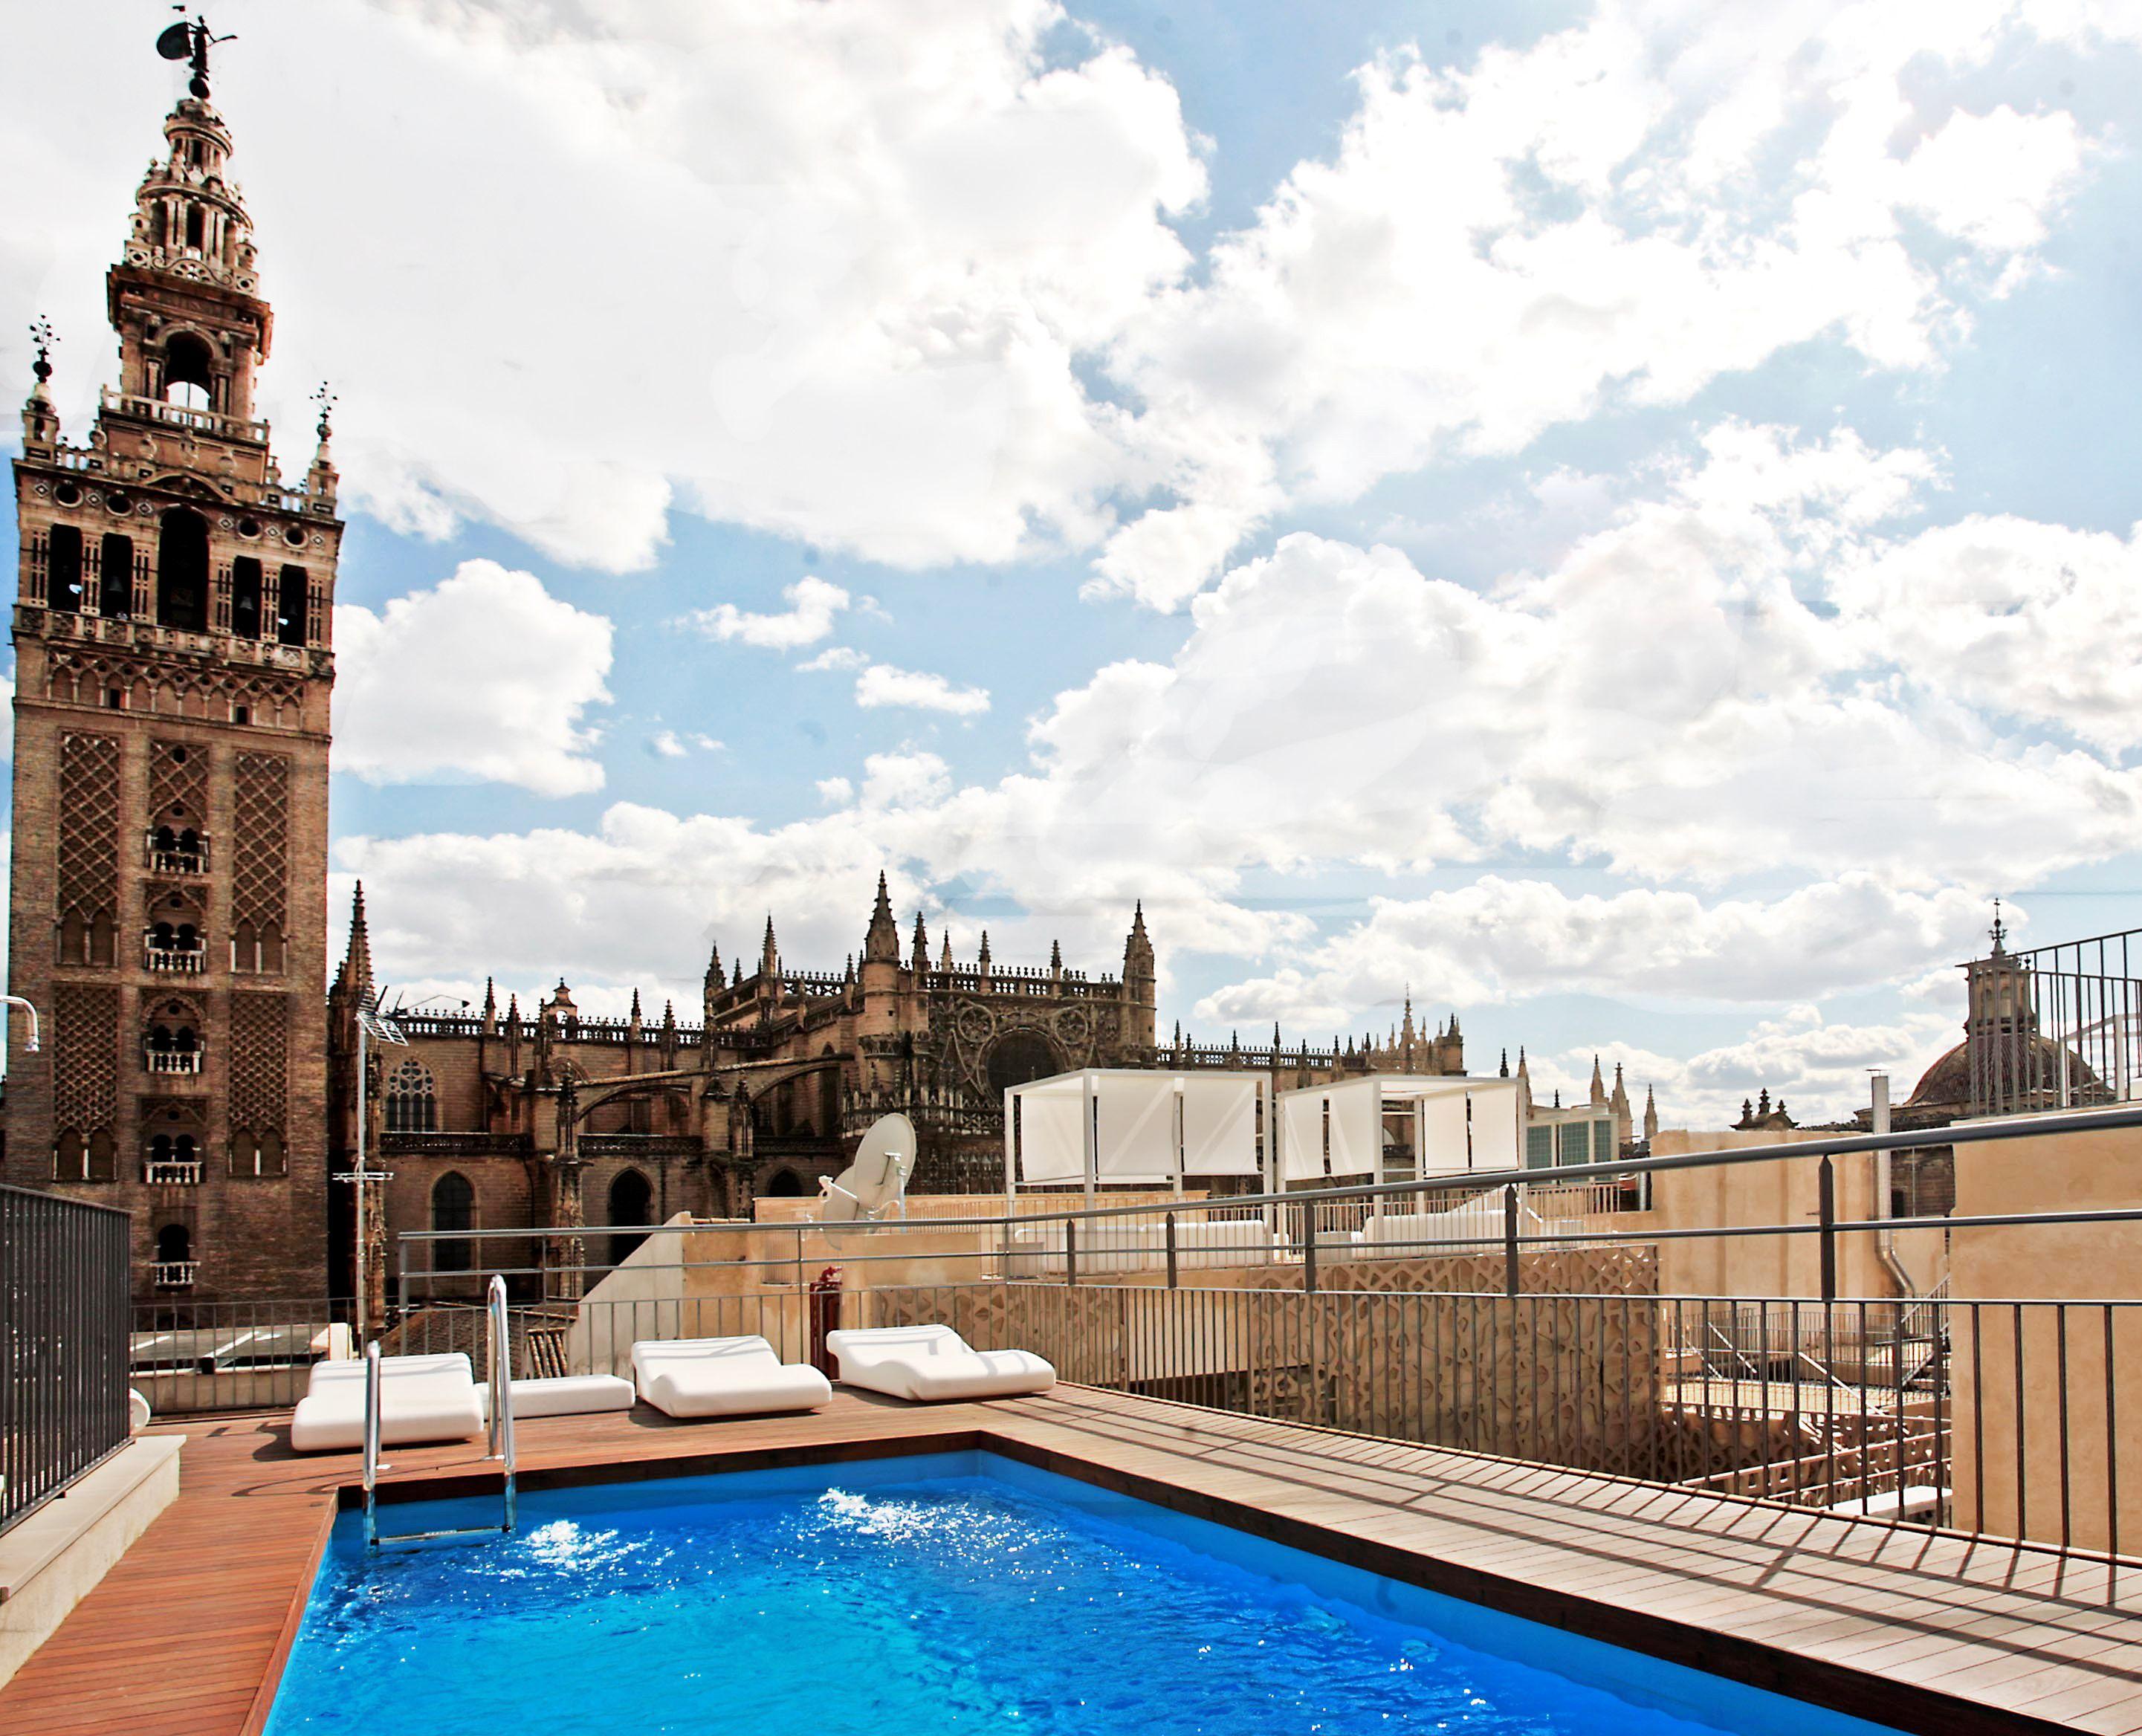 La Terraza De Eme Catedral Hotel Sevilla Con Piscina Y Cinco Niveles De Altura Y Las Mejores Vistas Panoramicas De La Ciudad Hotel Sevilla Terraza Catedral